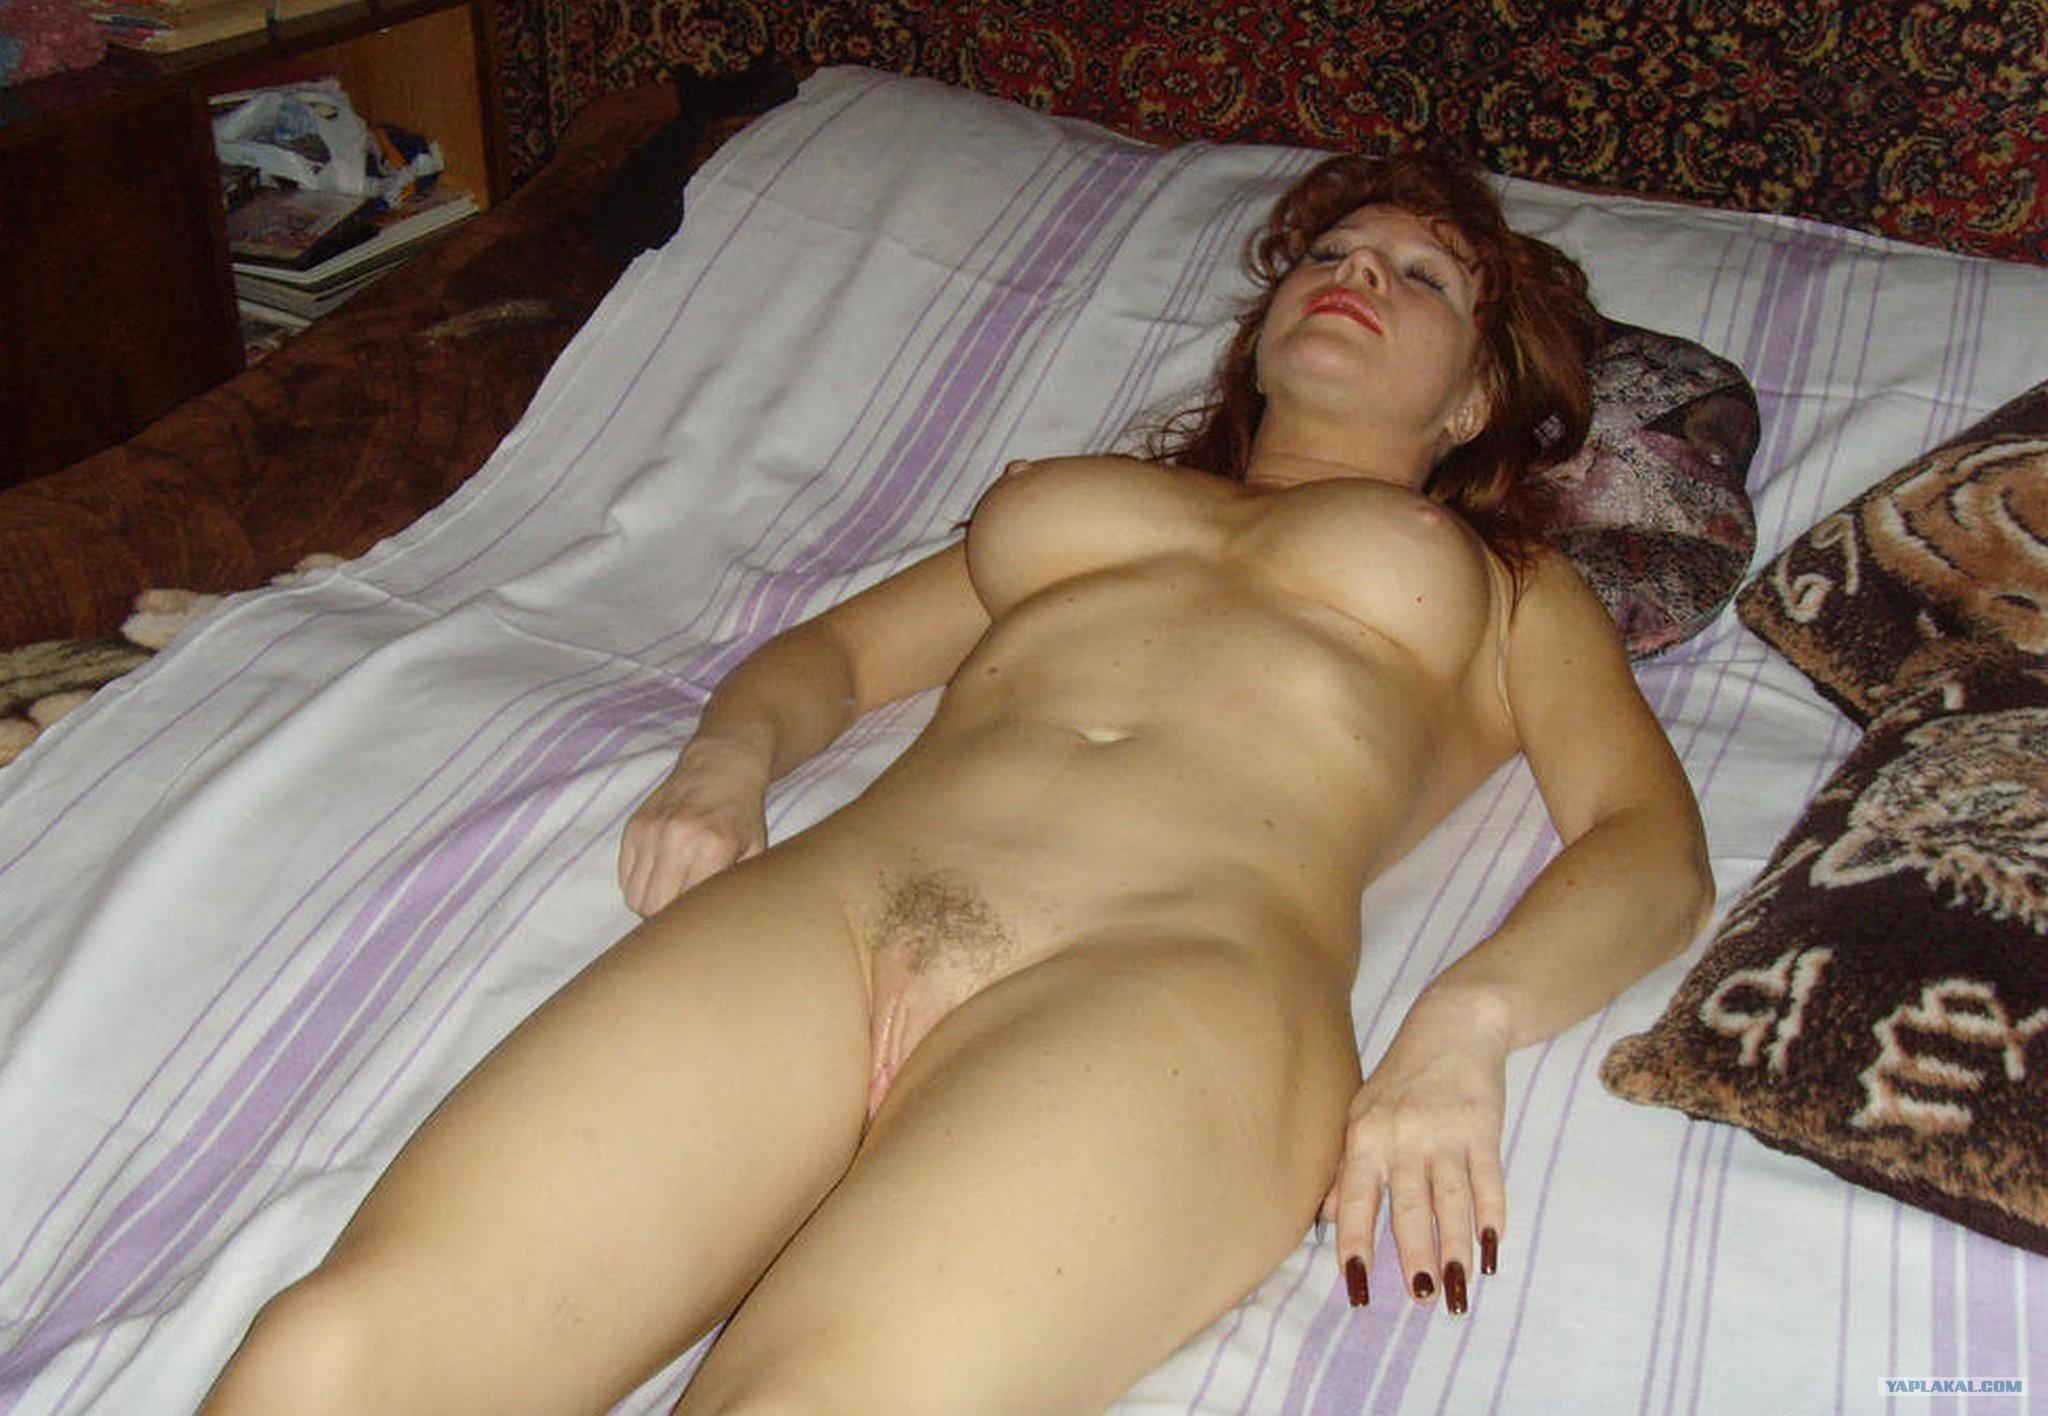 Частное домашнее эротическое фото зрелых, Домашние интимные фото зрелых женщин 12 фотография